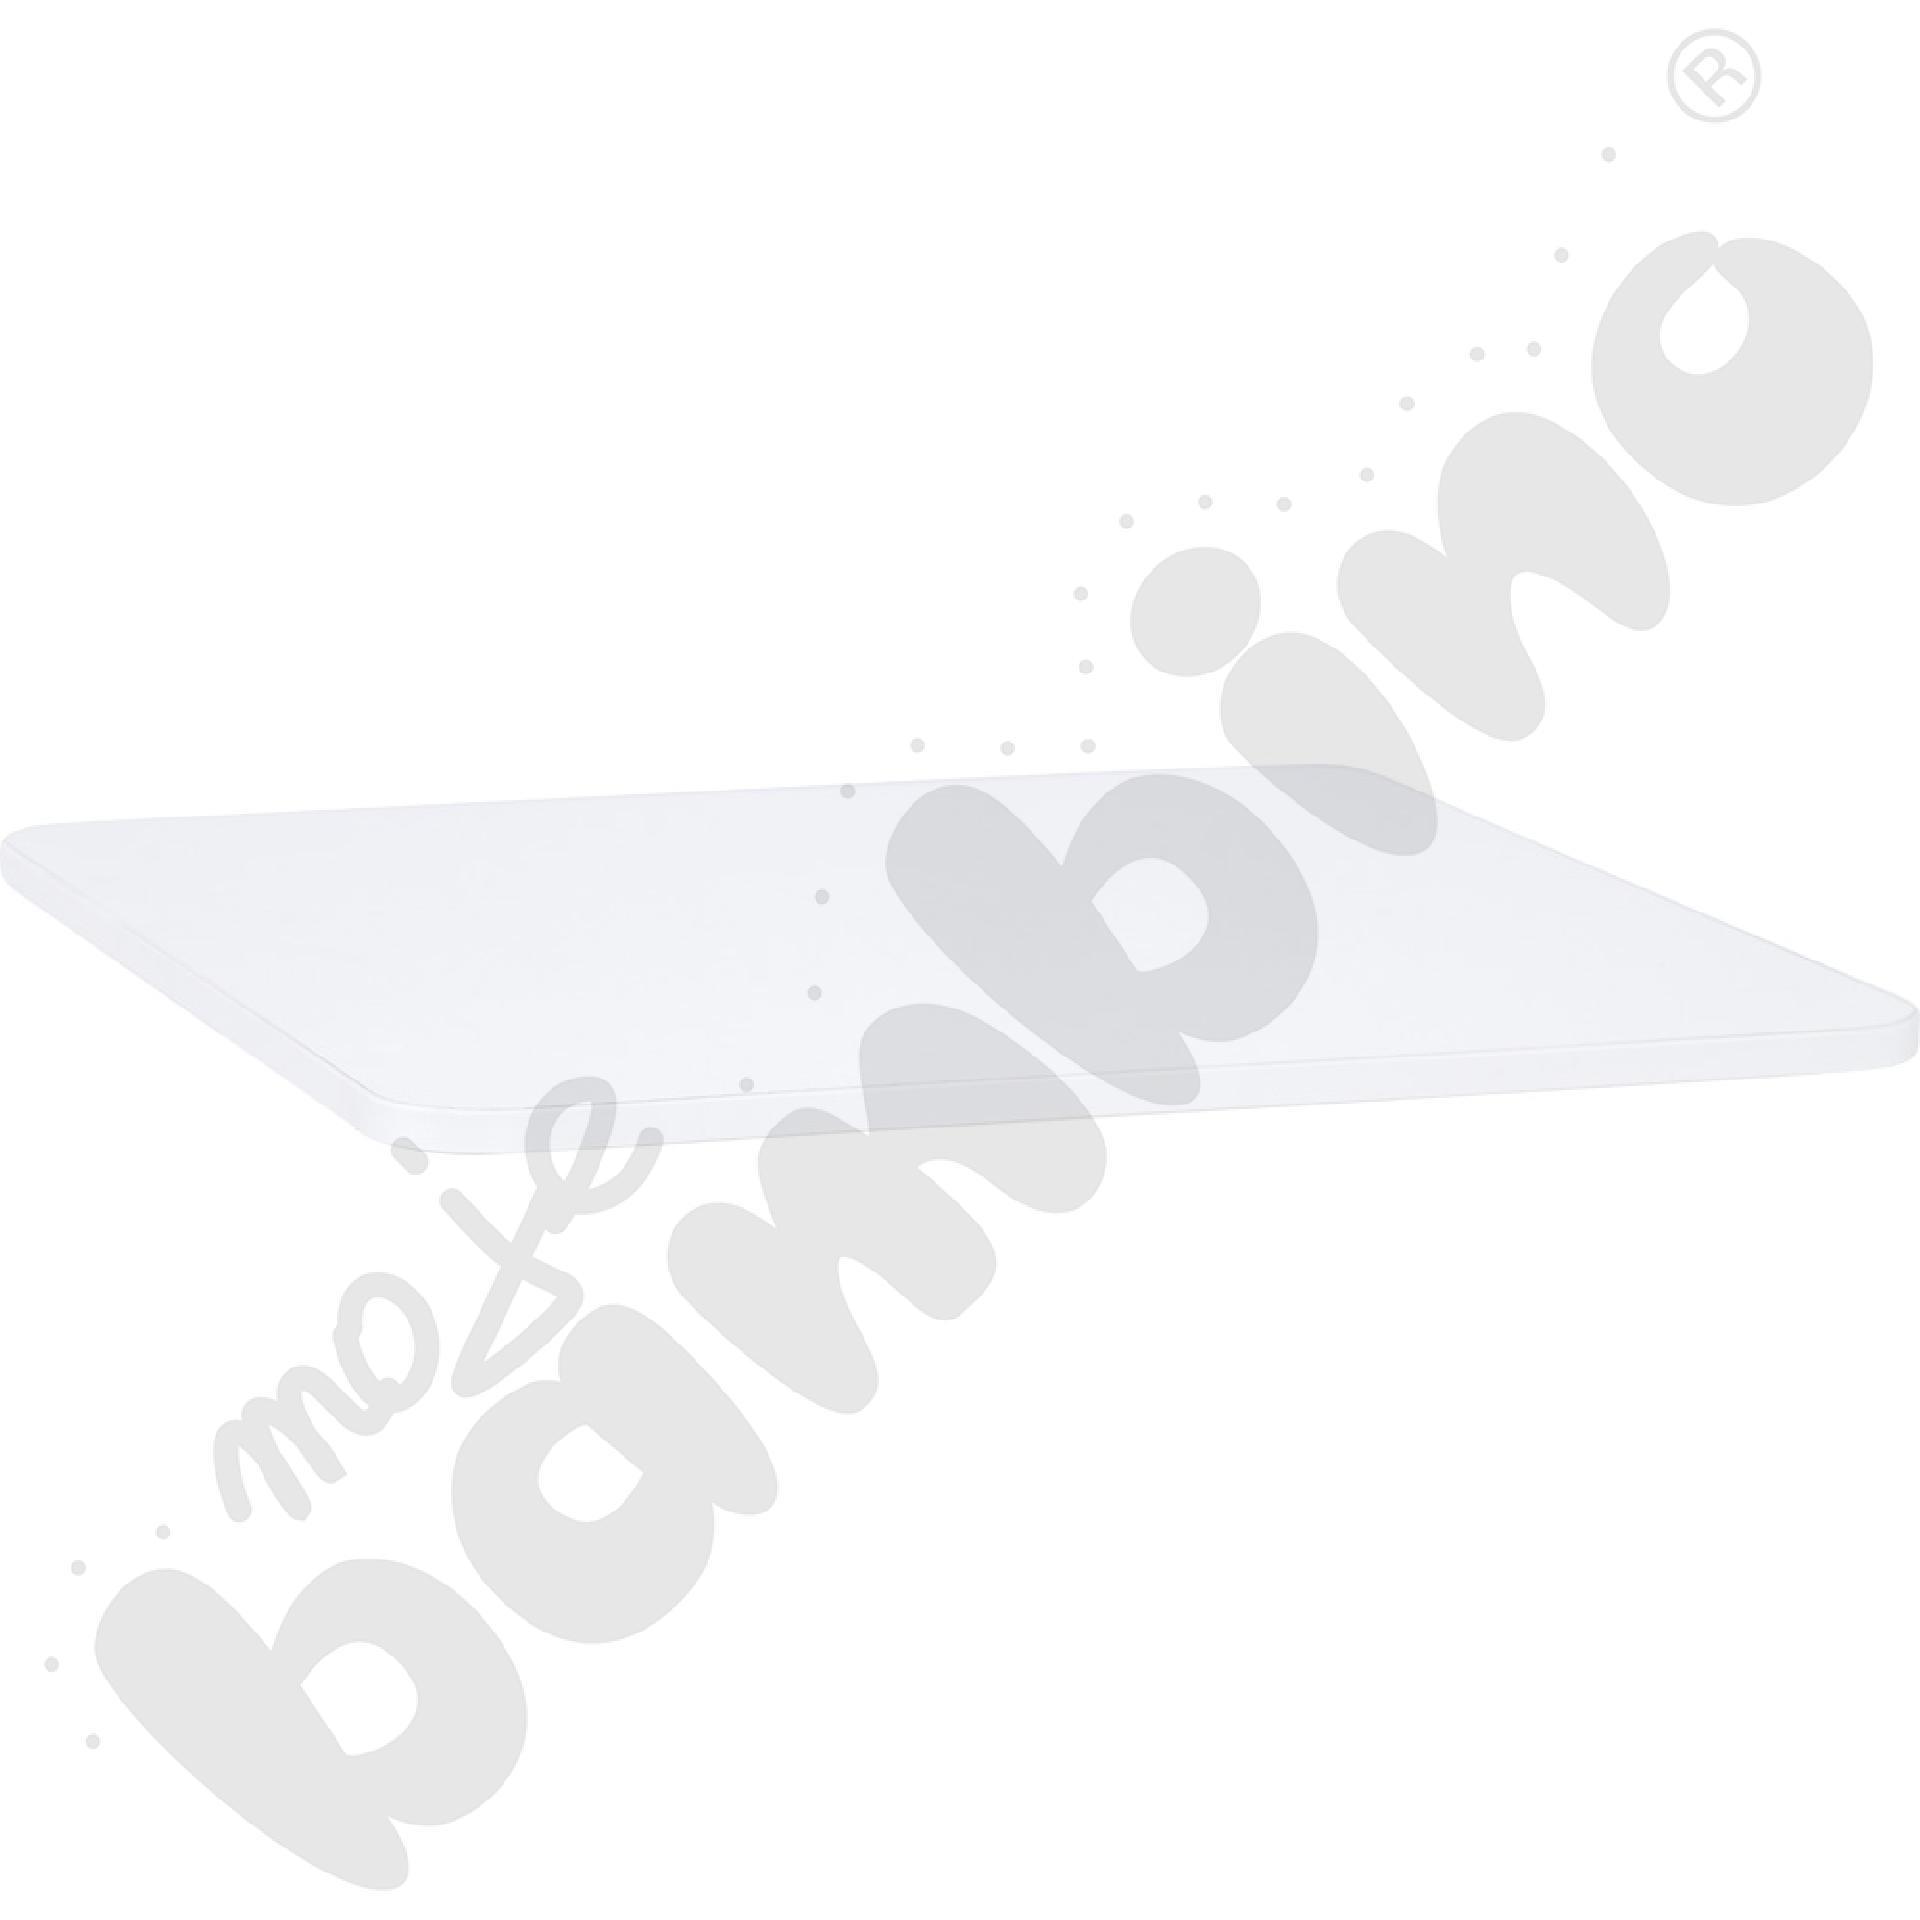 Blat Quadro biały kwadratowy, białe obrzeże